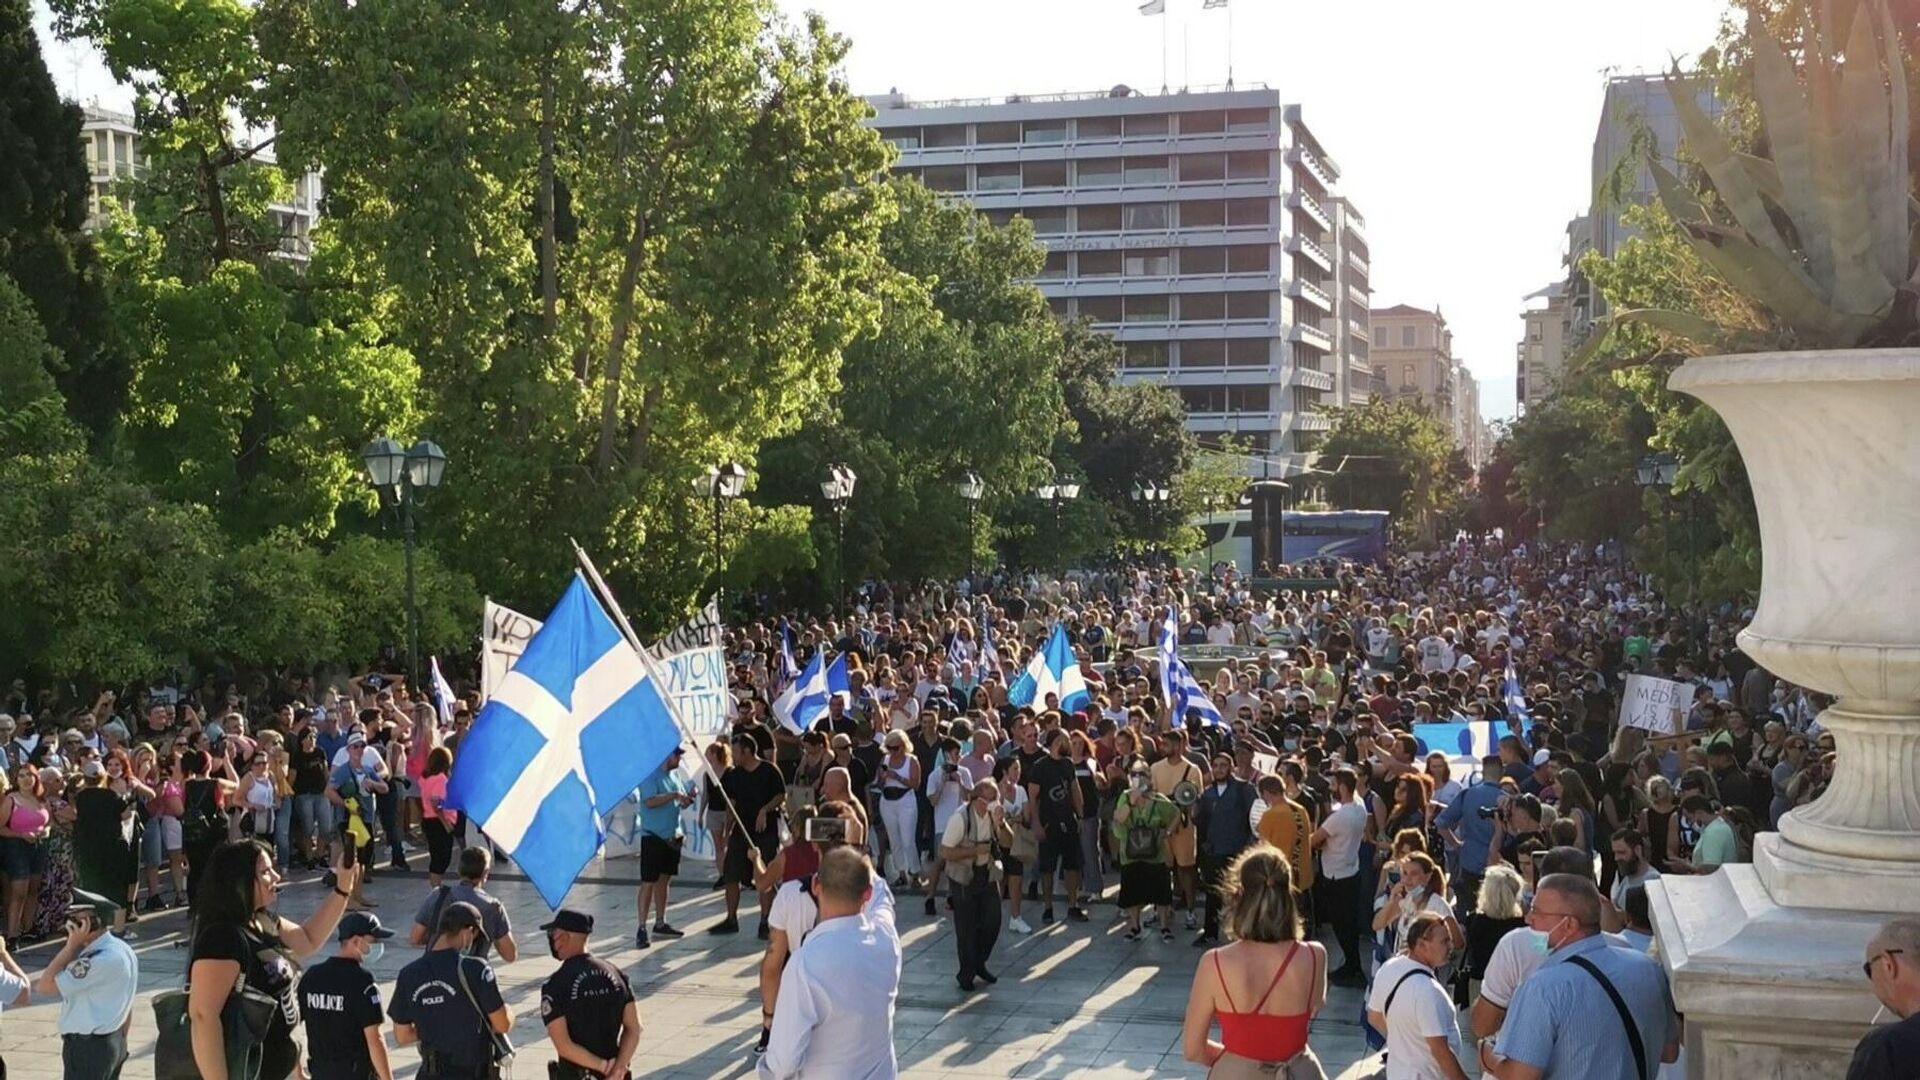 Διαμαρτυρία στην Αθήνα από αντιεμβολιαστές - Sputnik Ελλάδα, 1920, 04.10.2021